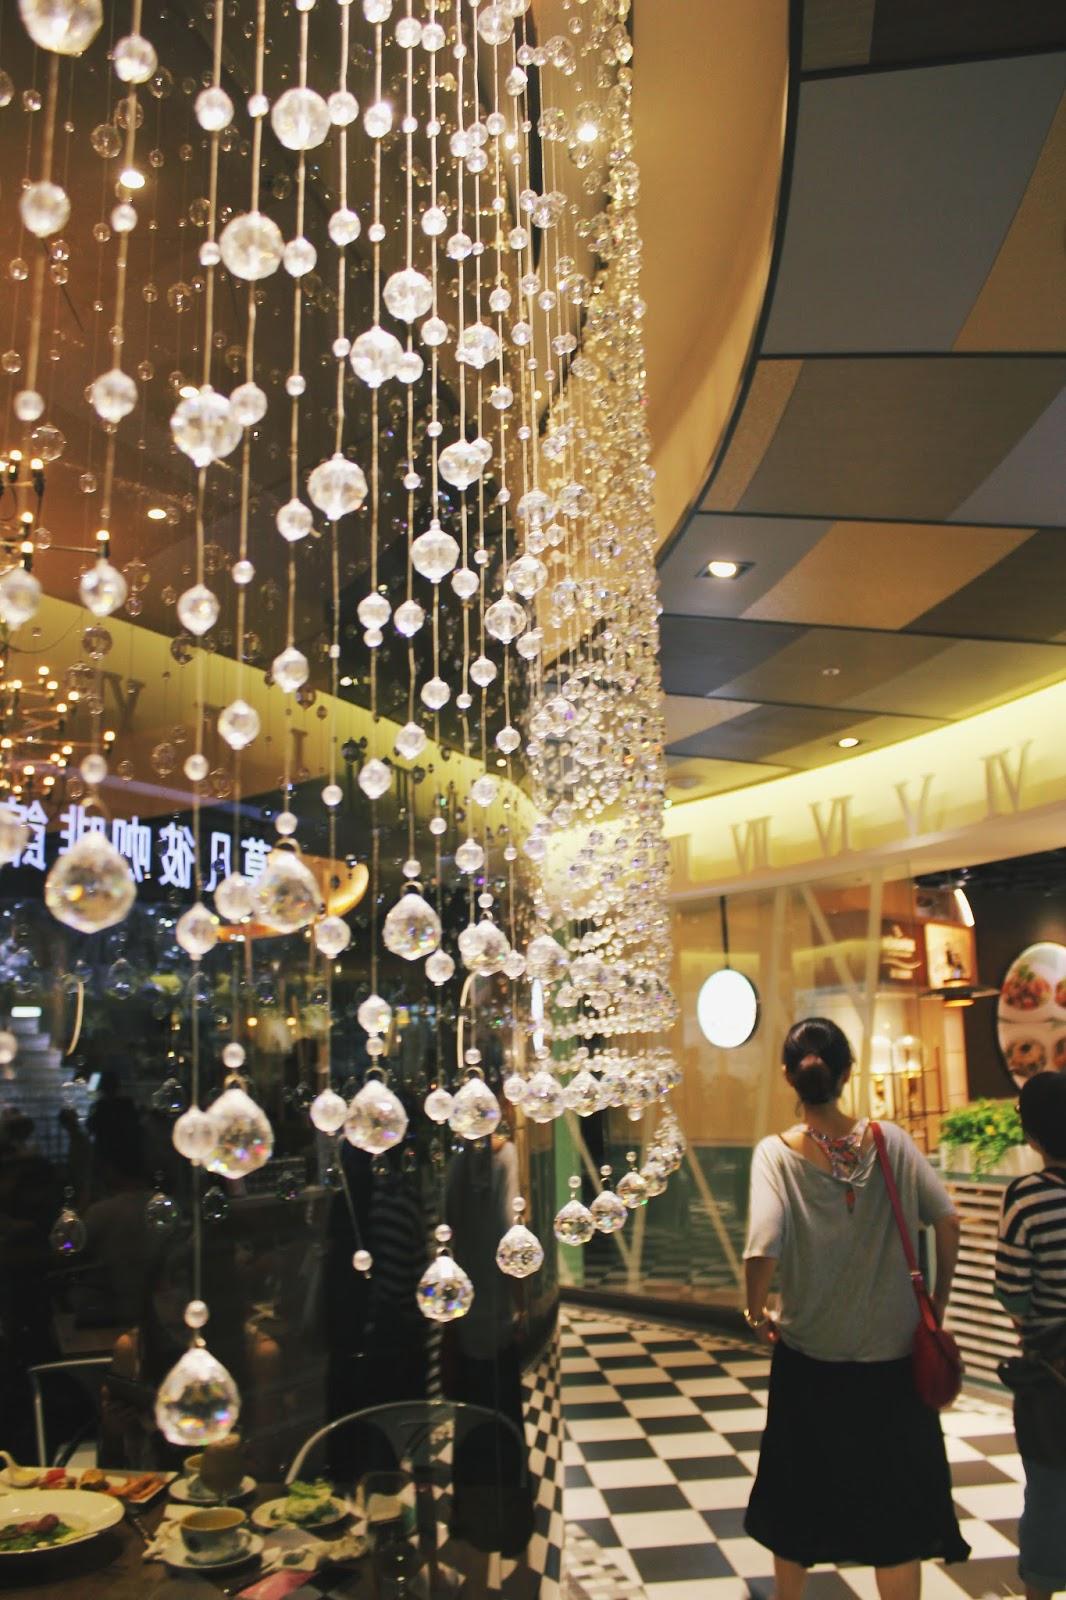 pretty mall date taipei taiwan 101 xinyi